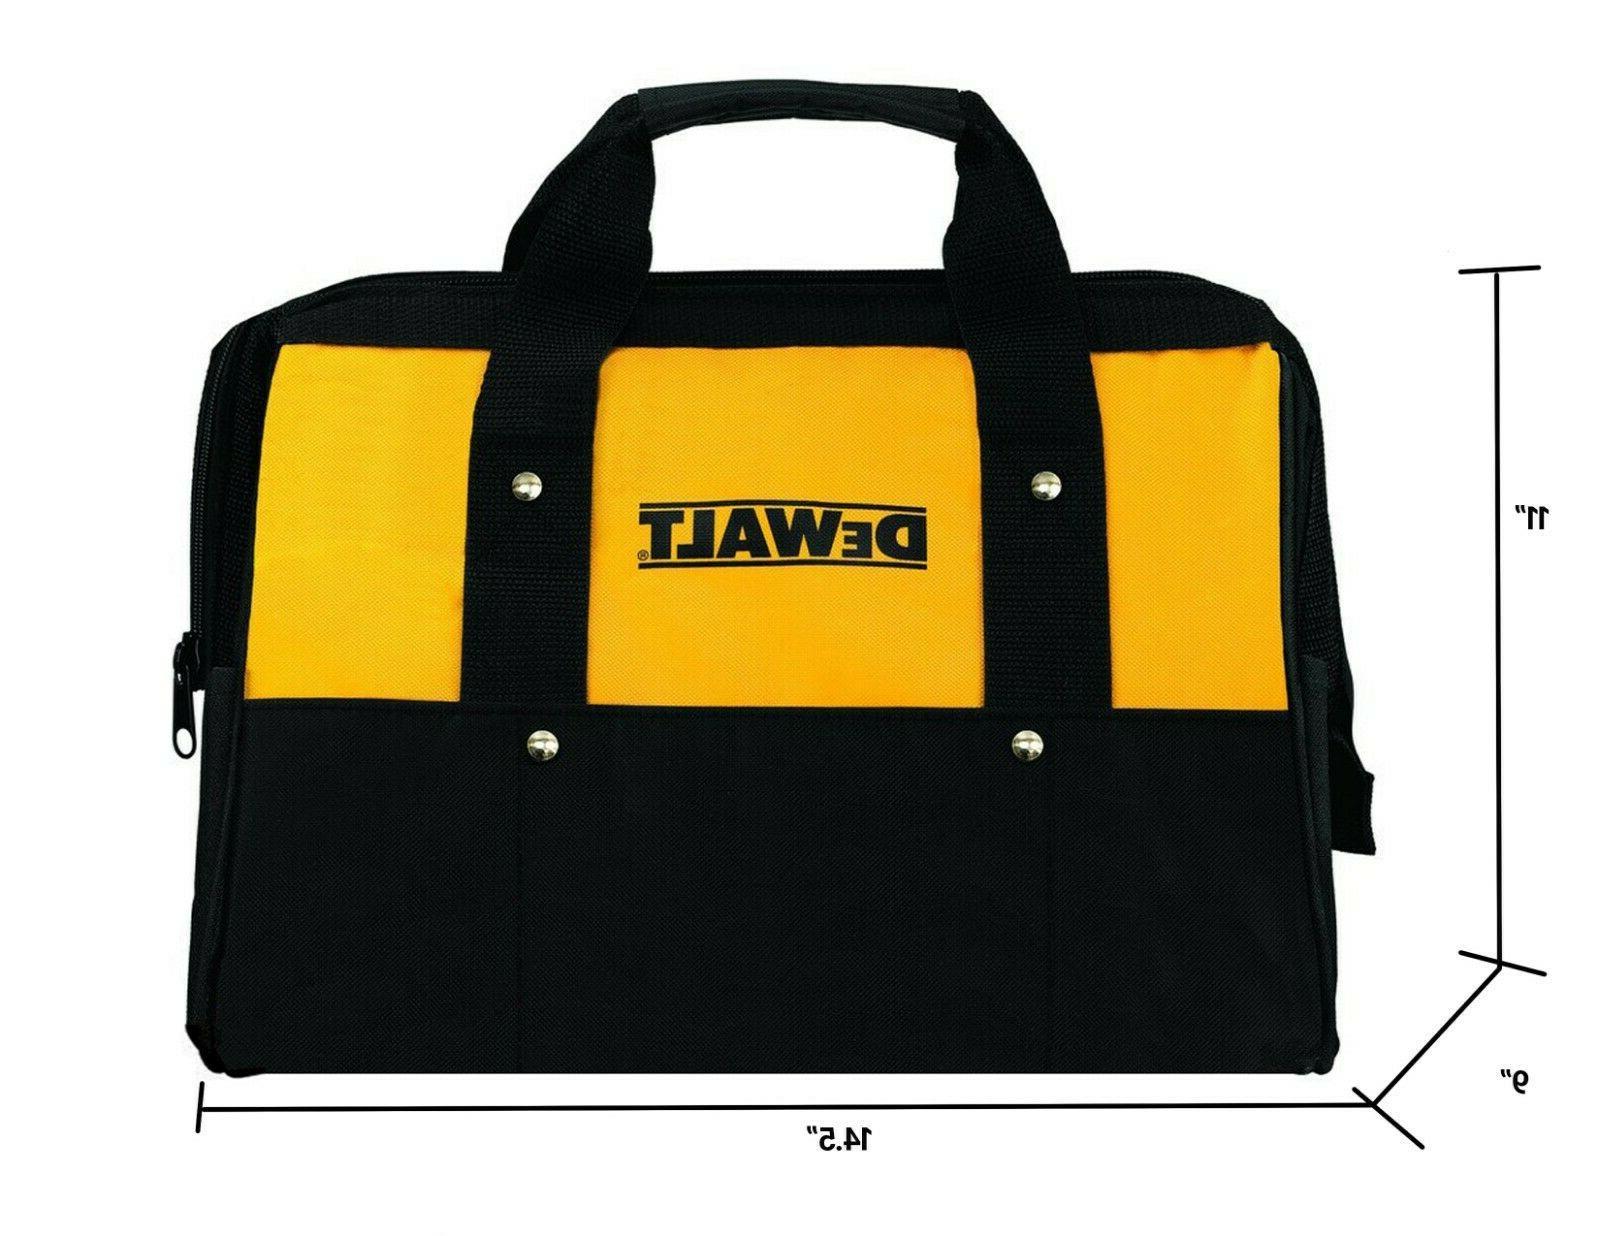 tool bag heavy duty nylon med 14